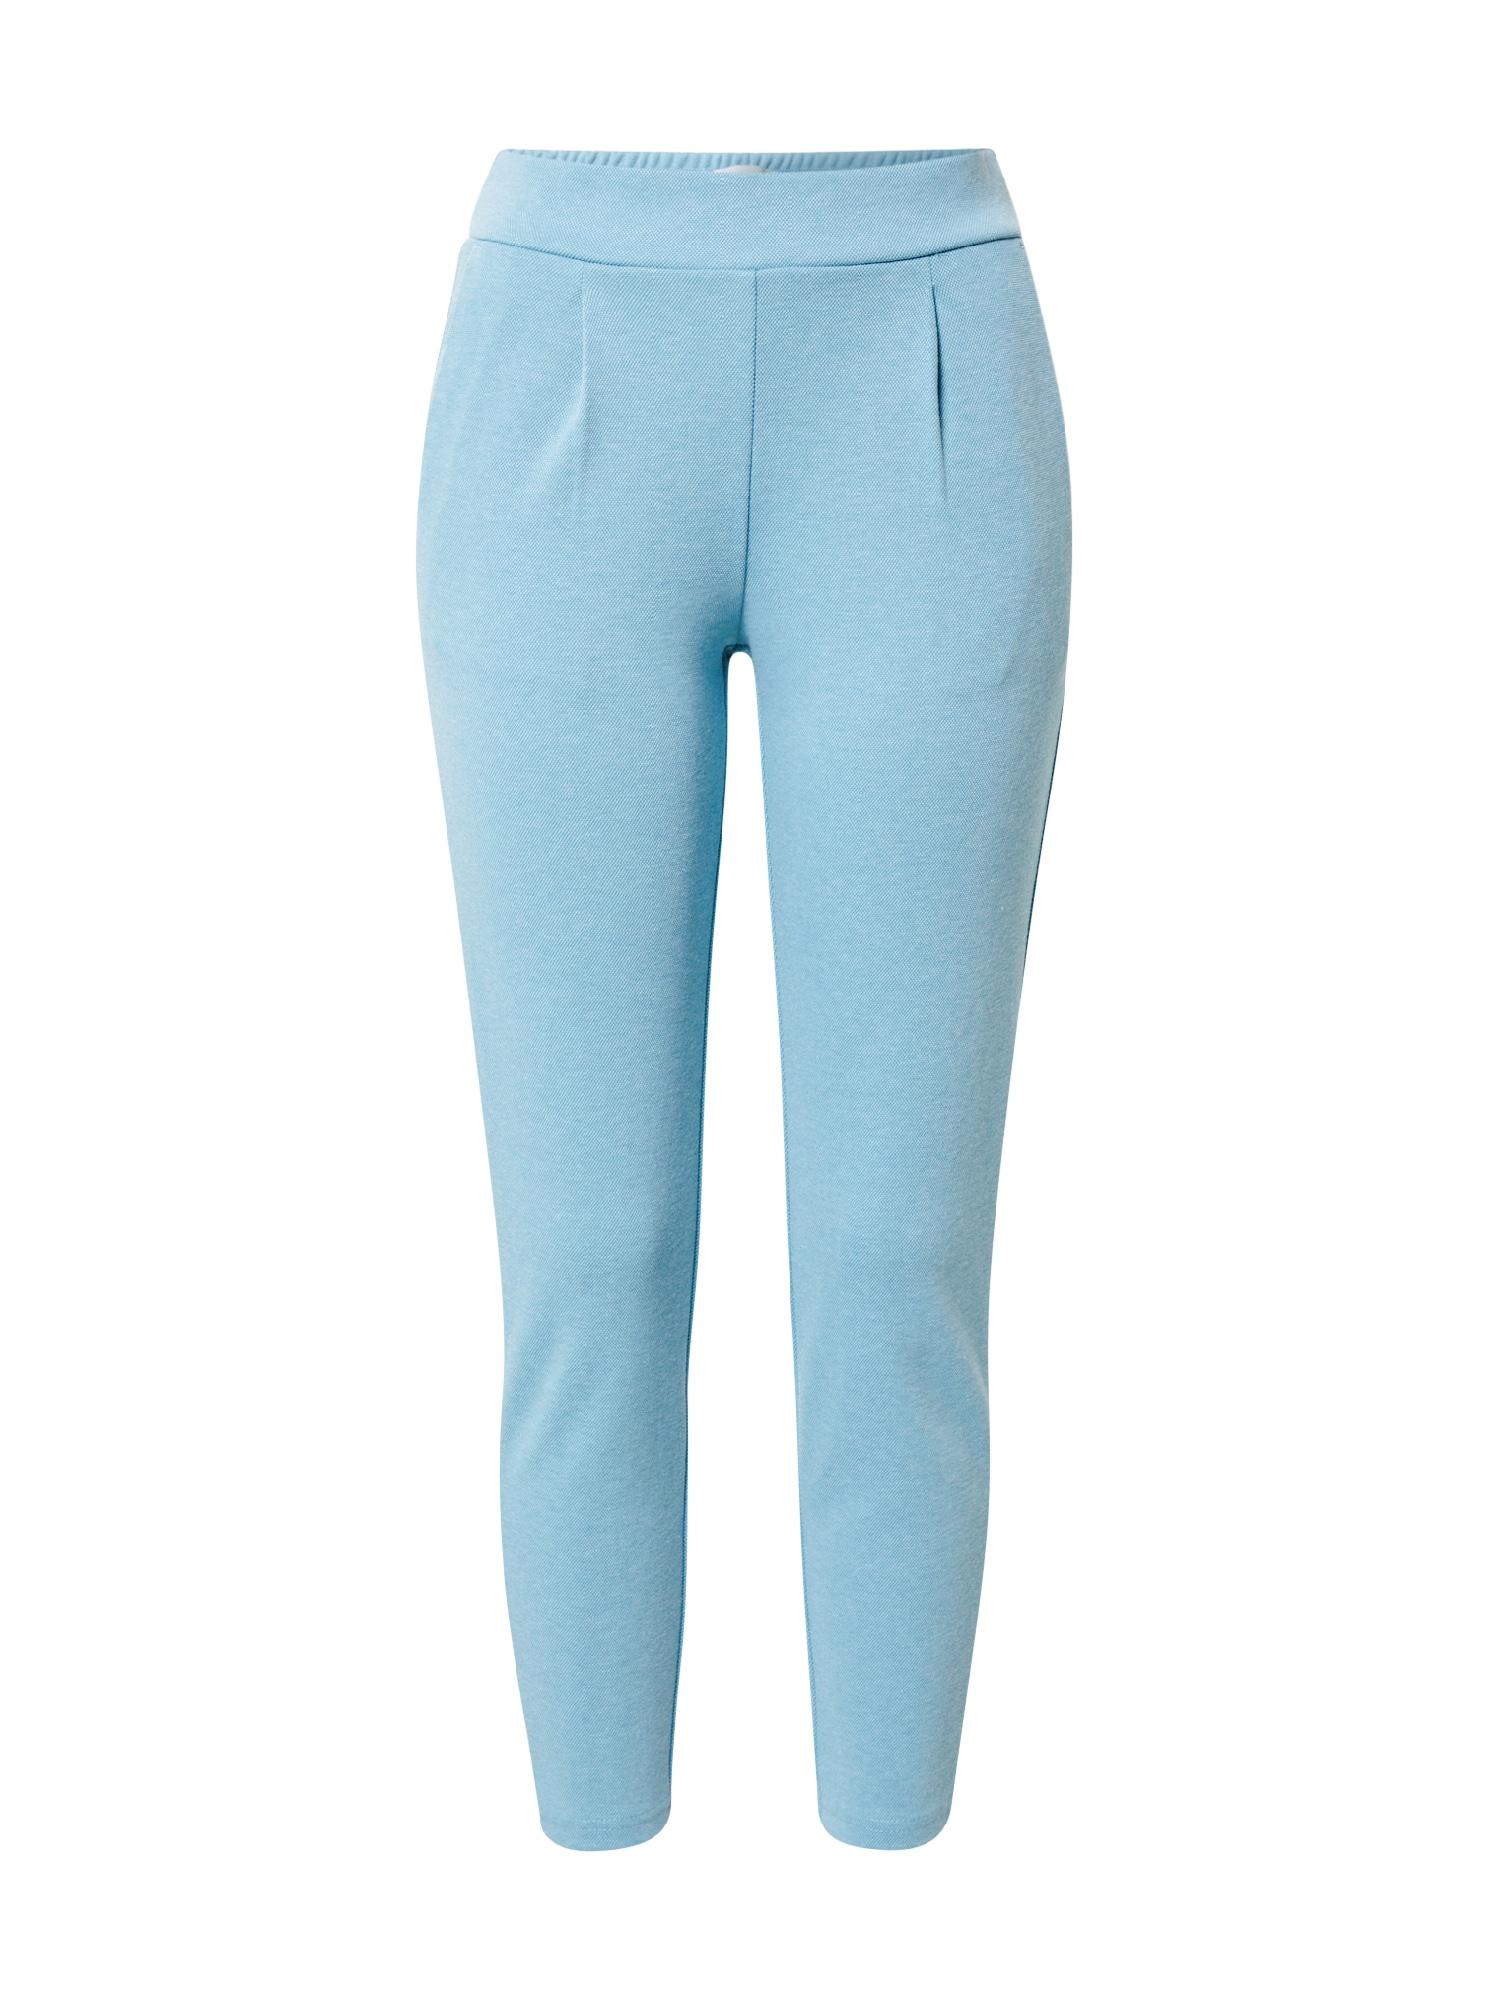 ICHI Klostuotos kelnės šviesiai mėlyna